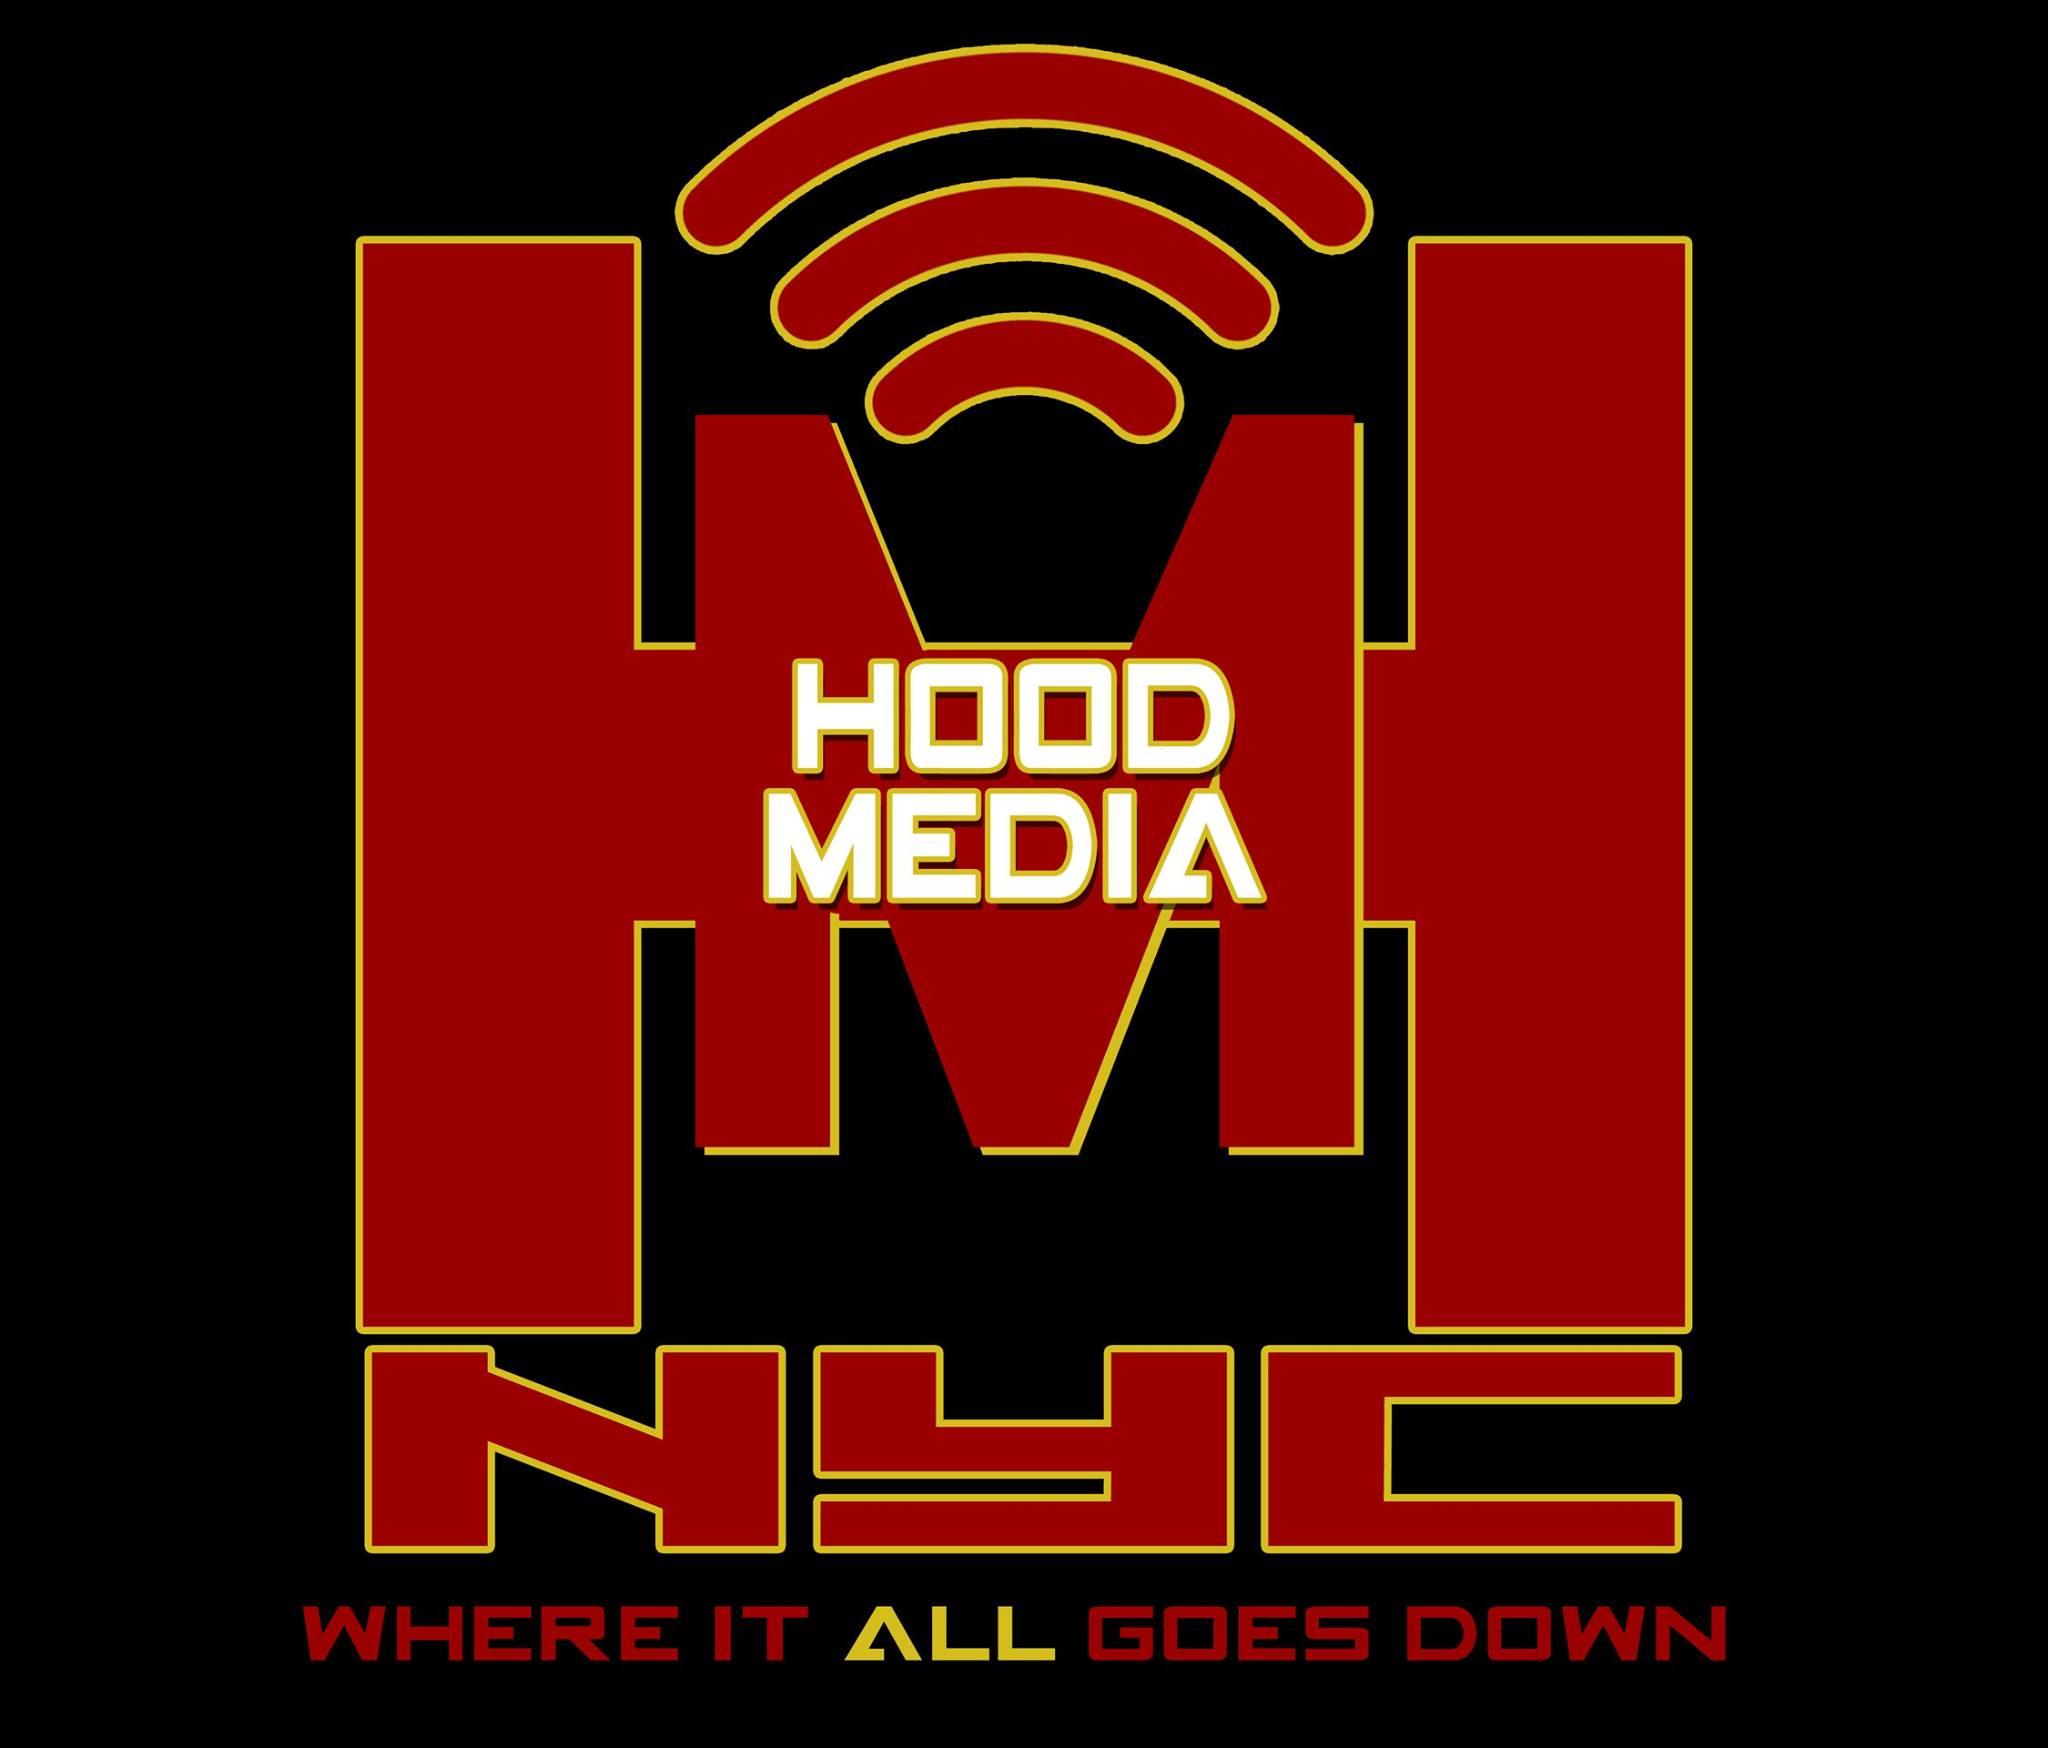 HOODMEDIA.NYC